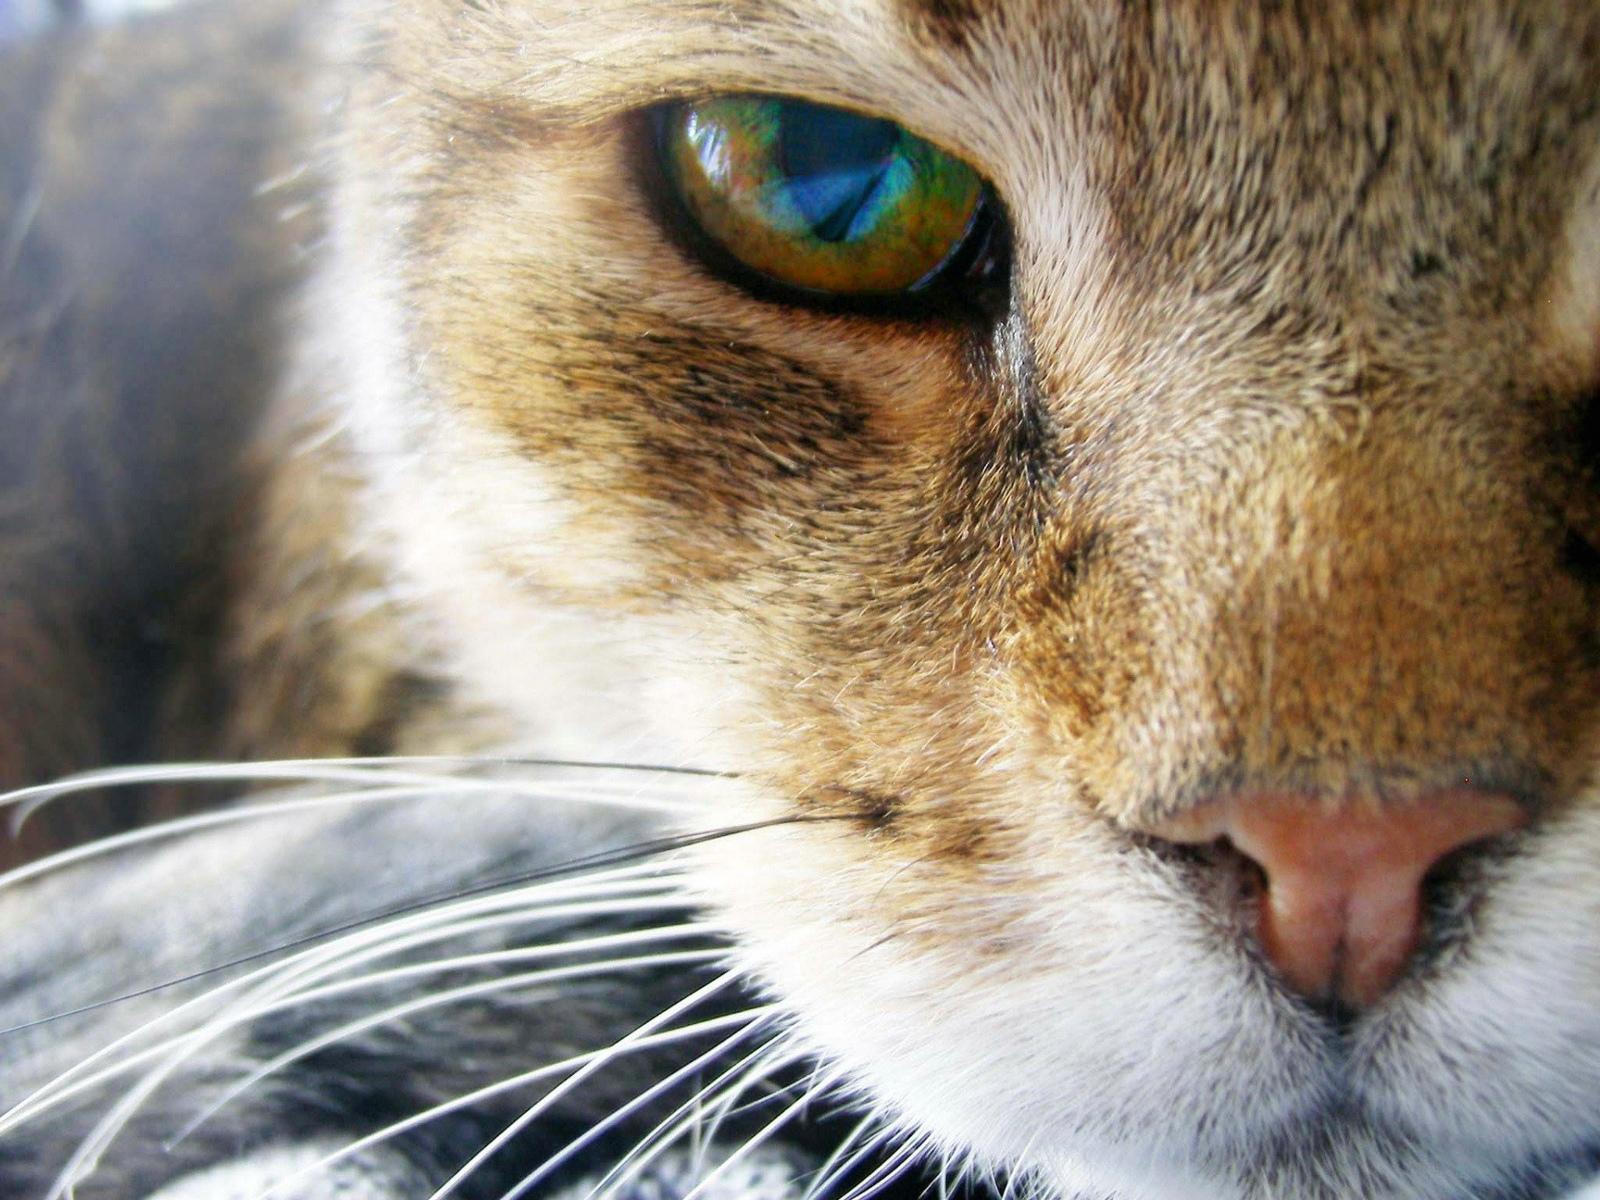 http://4.bp.blogspot.com/-myKOnr4F6Ao/T3YECsGhrWI/AAAAAAAAAUw/s47Q1qpAZK4/s1600/cat+wallpaper+4.jpg